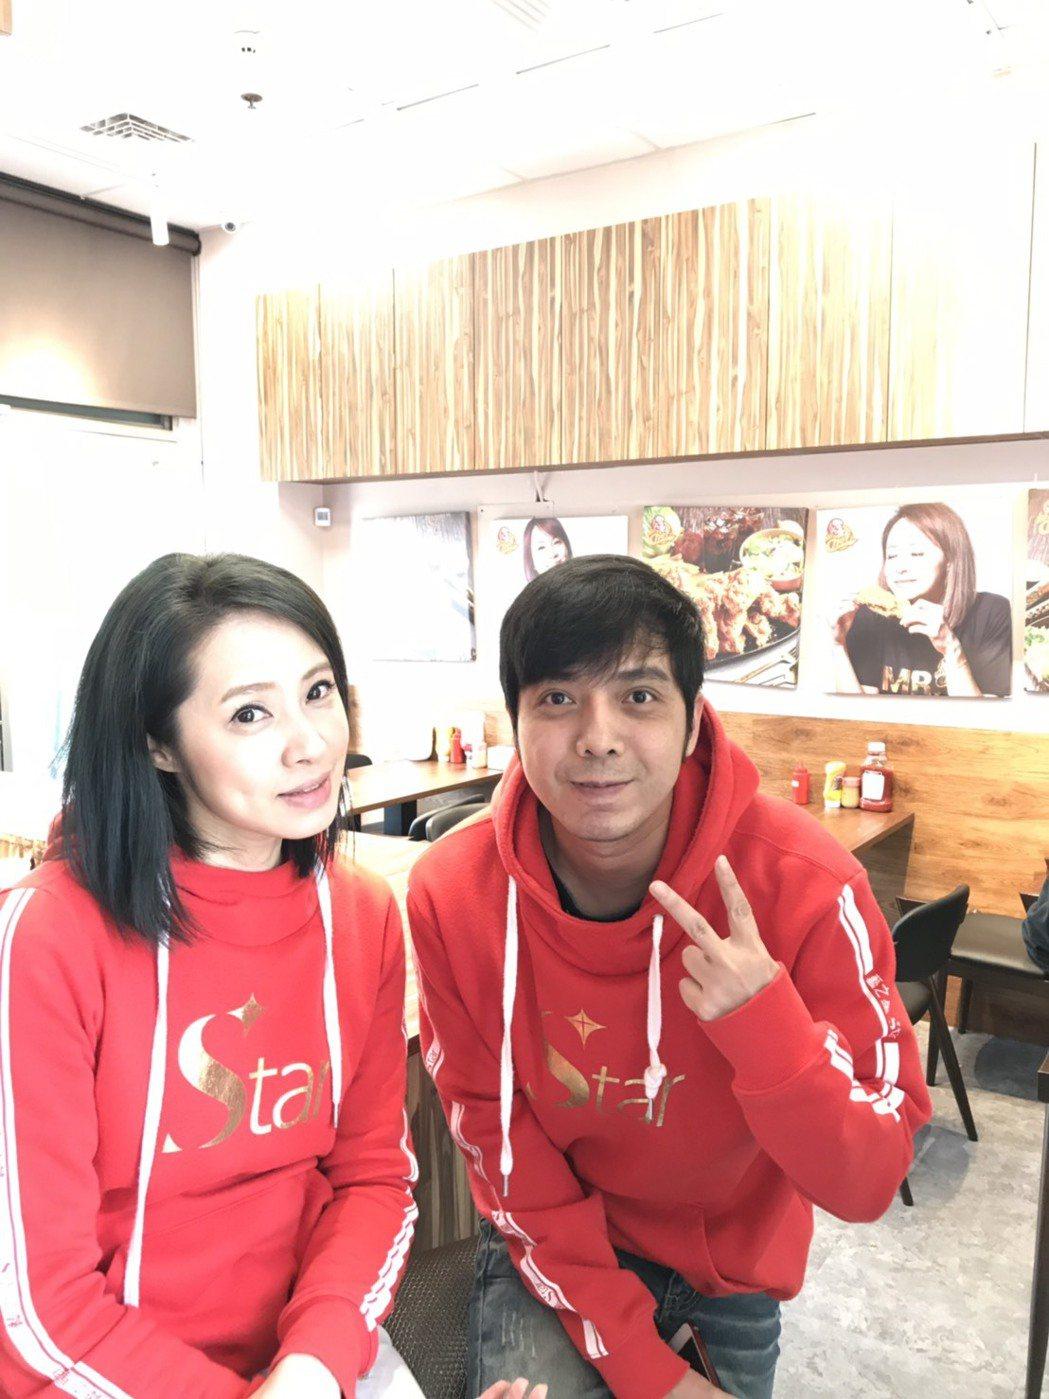 小炳(右)在洪百榕的炸雞店裡端盤子當服務生。記者葉君遠/攝影